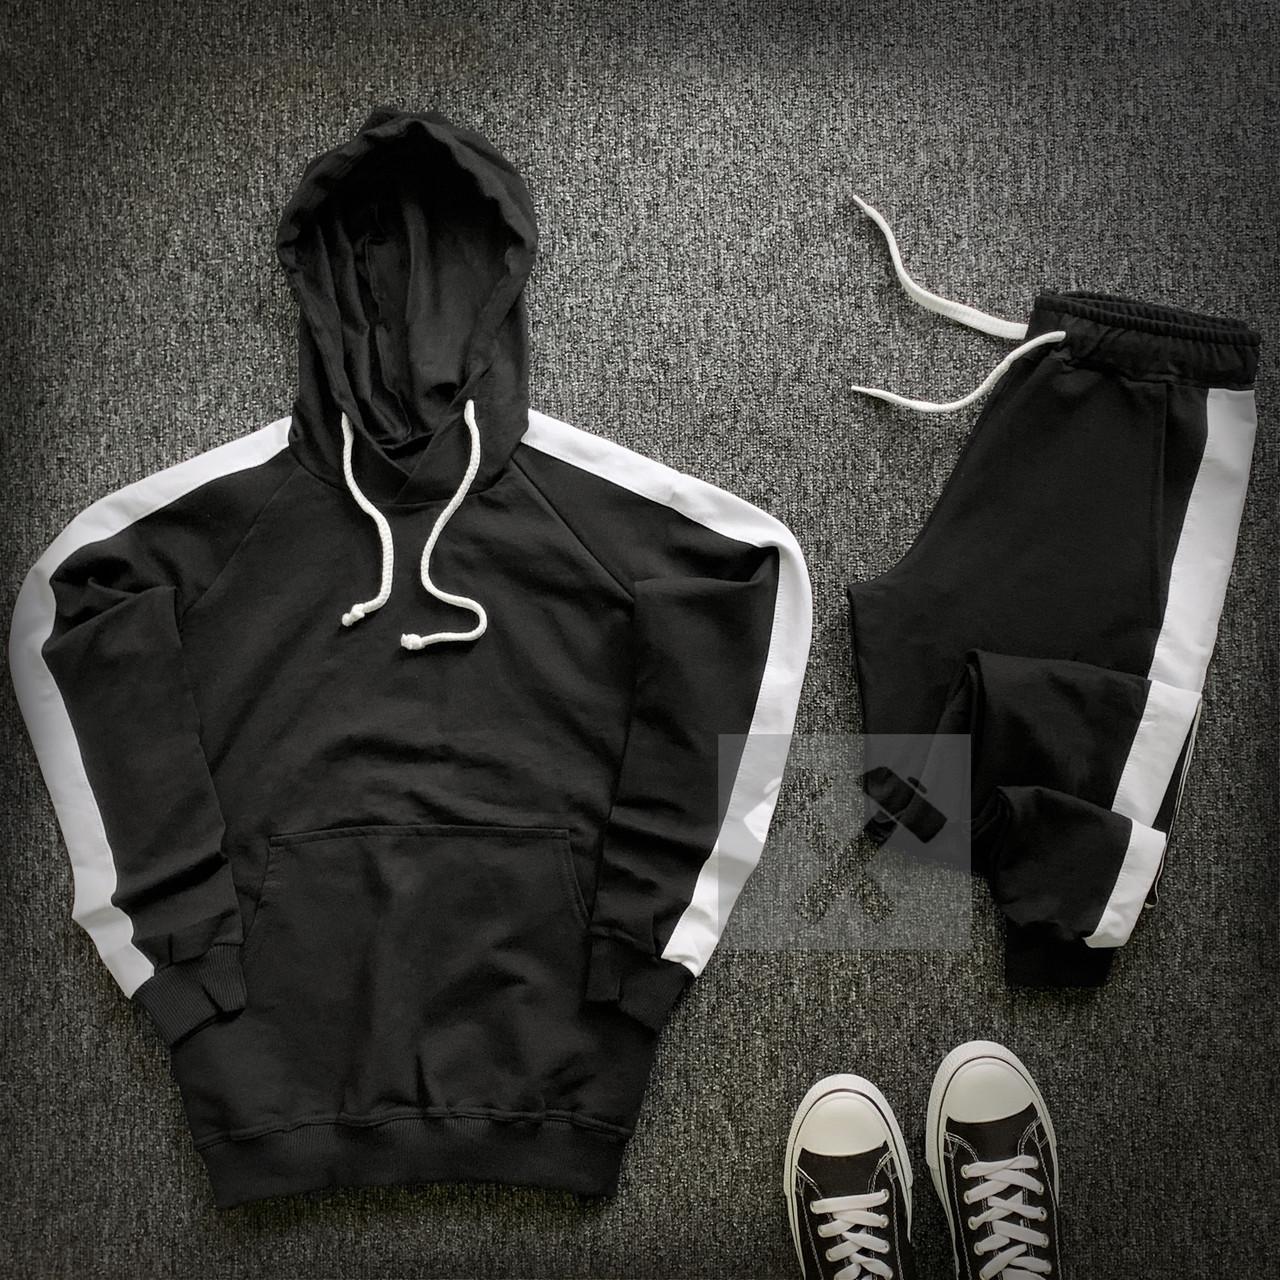 Костюм спортивный с лампасами   Комплект худи штаны весенние осенние